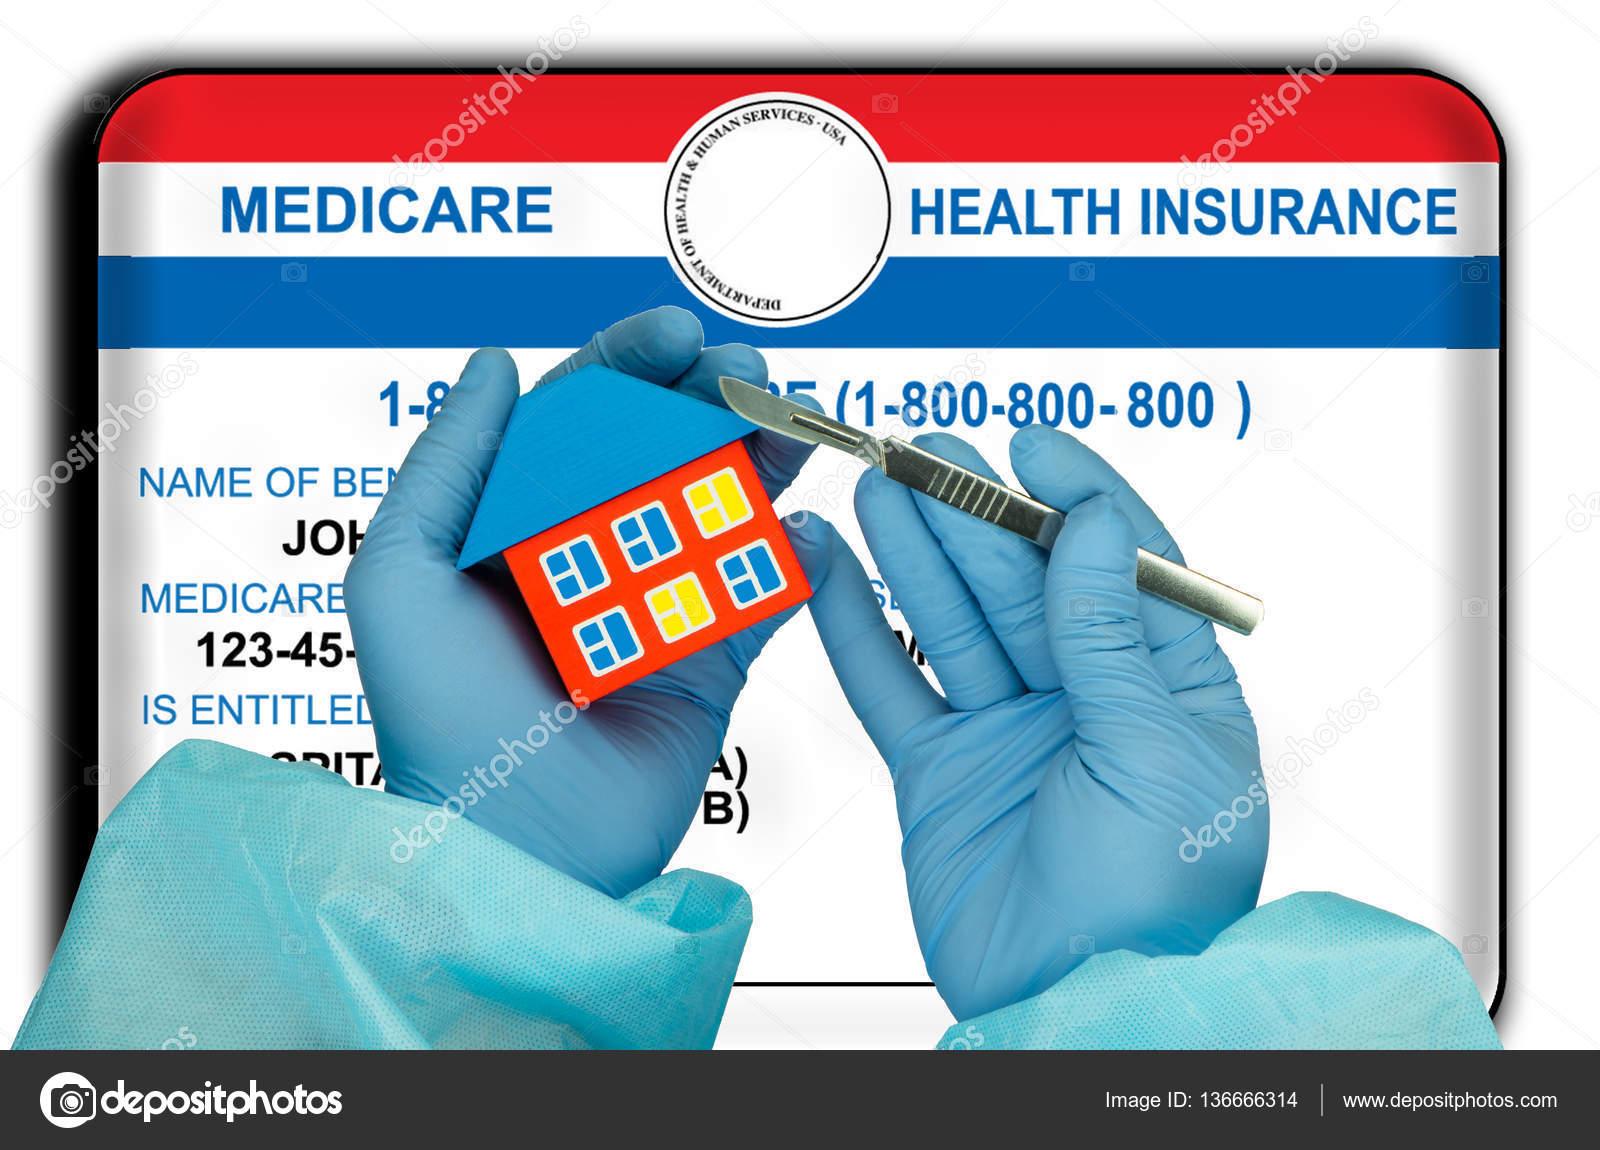 Tarjeta Del Seguro Medico De Estados Unidos Foto De Stock C Tom934